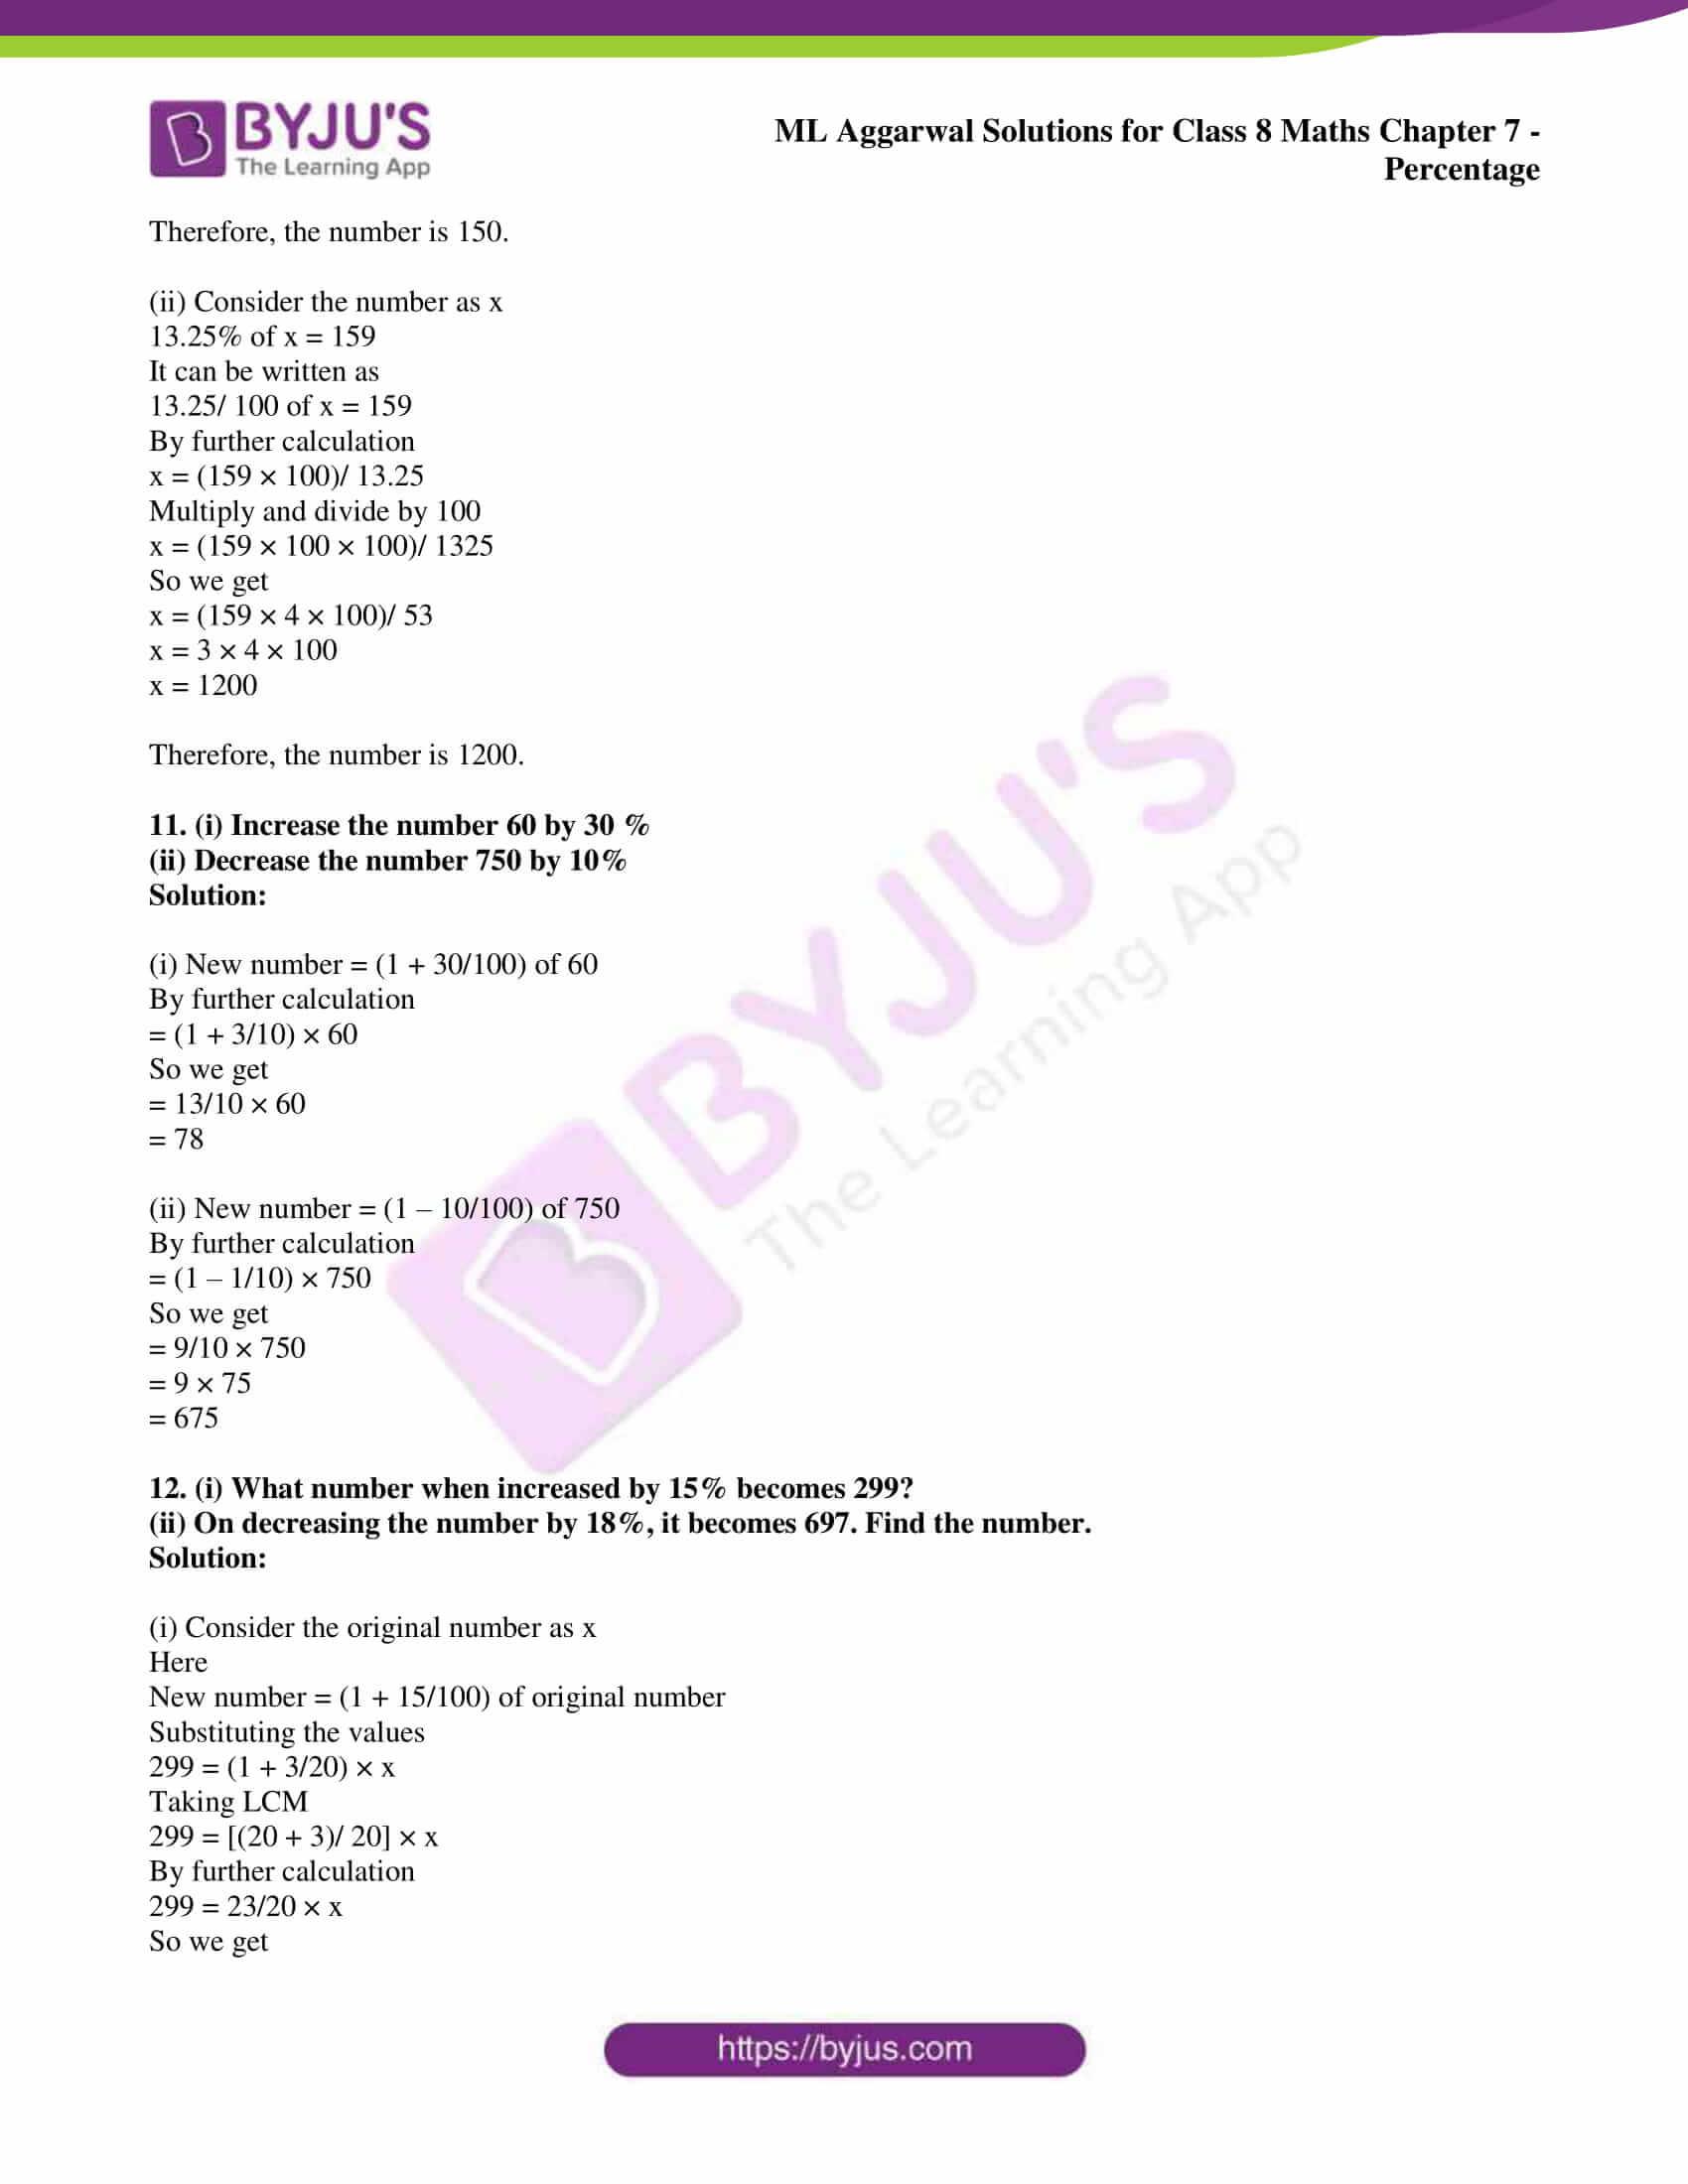 ml aggarwal sol mathematics class 8 ch 7 07